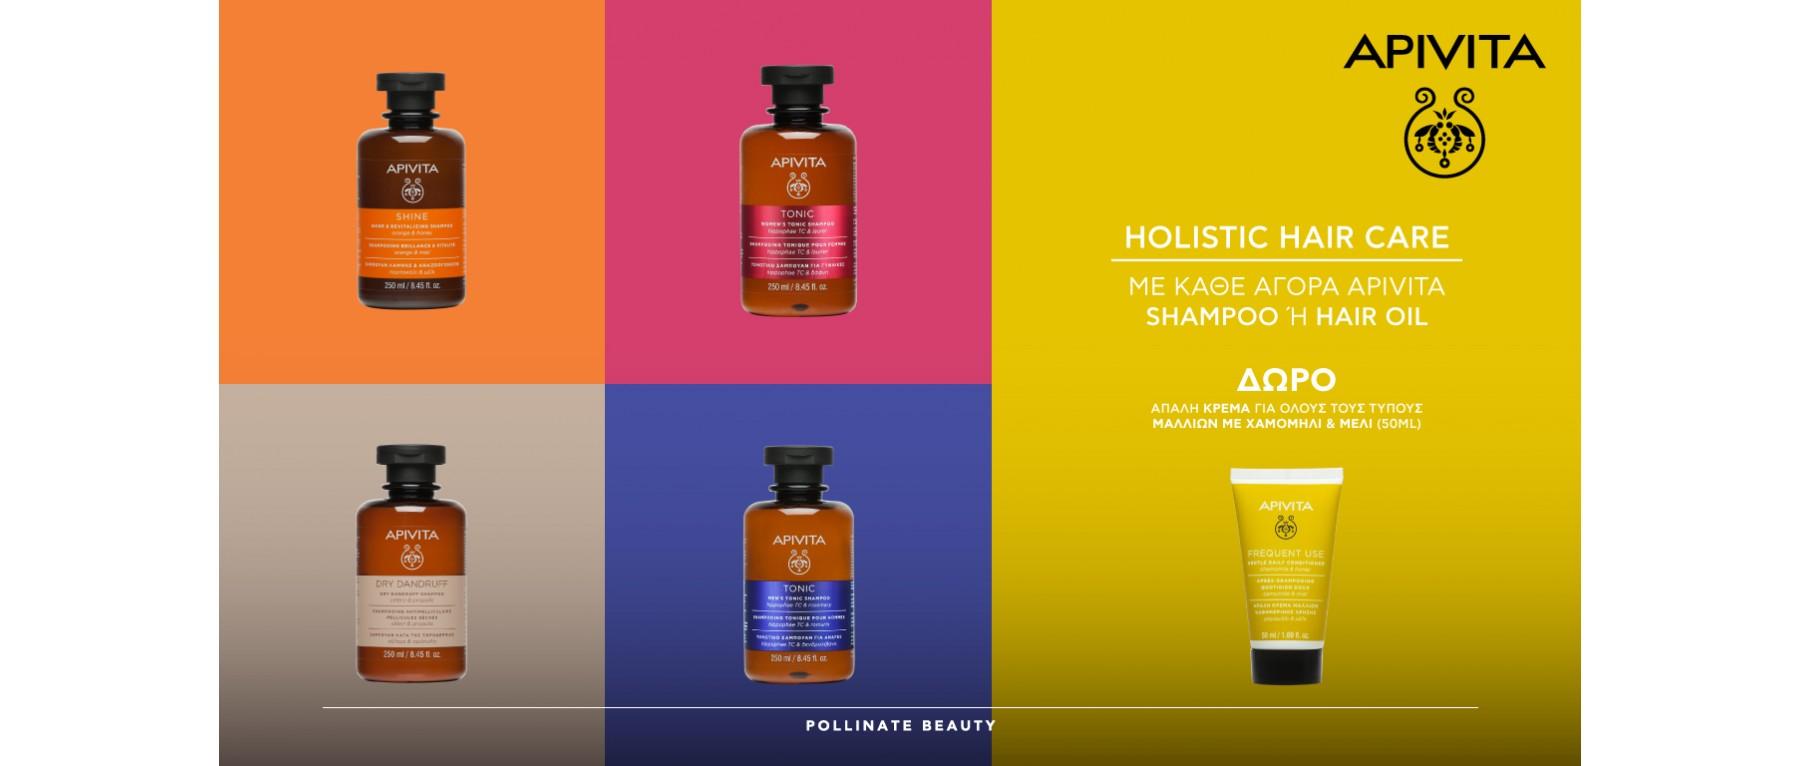 Apivita Hair Care